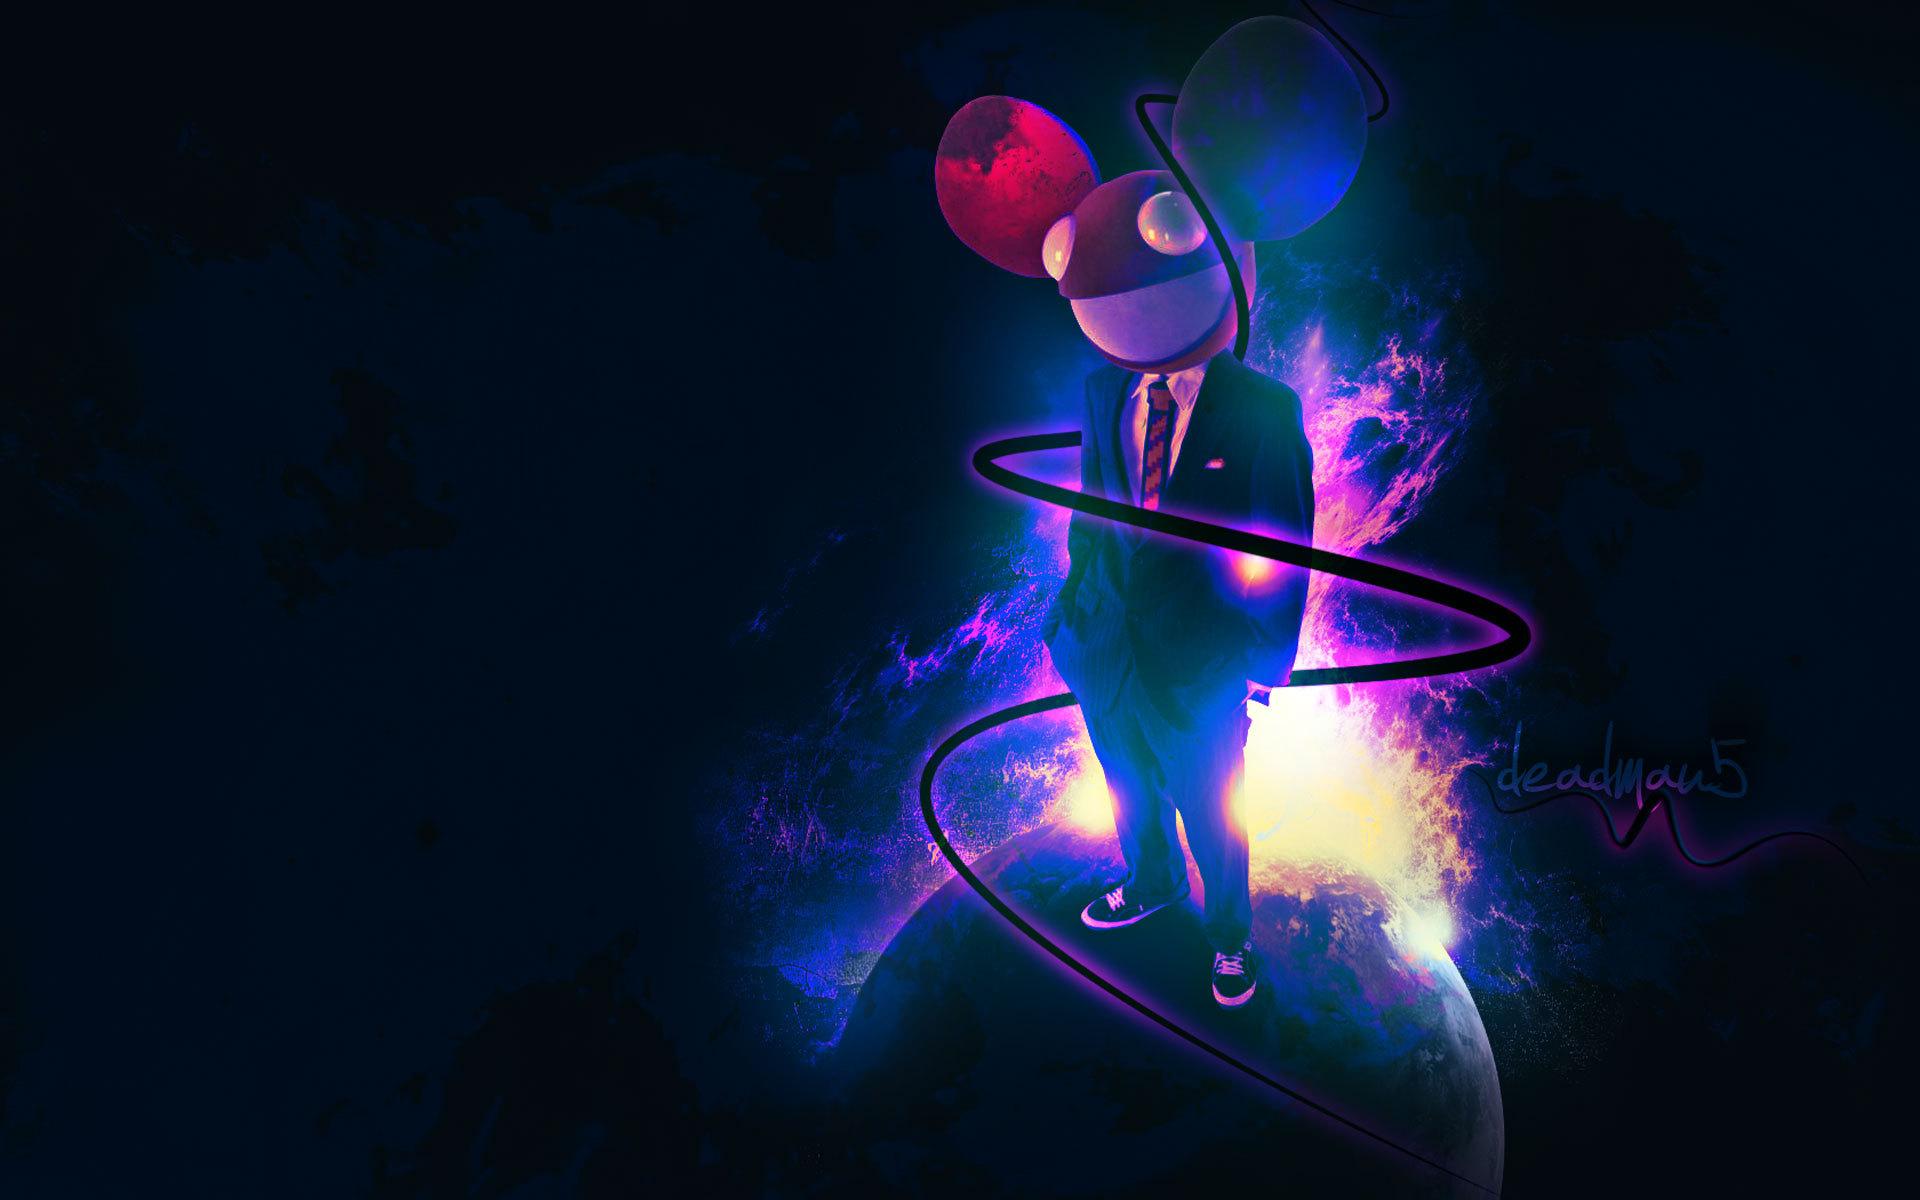 deadmau5 dead mouse music wallpaper 1920x1200 101502